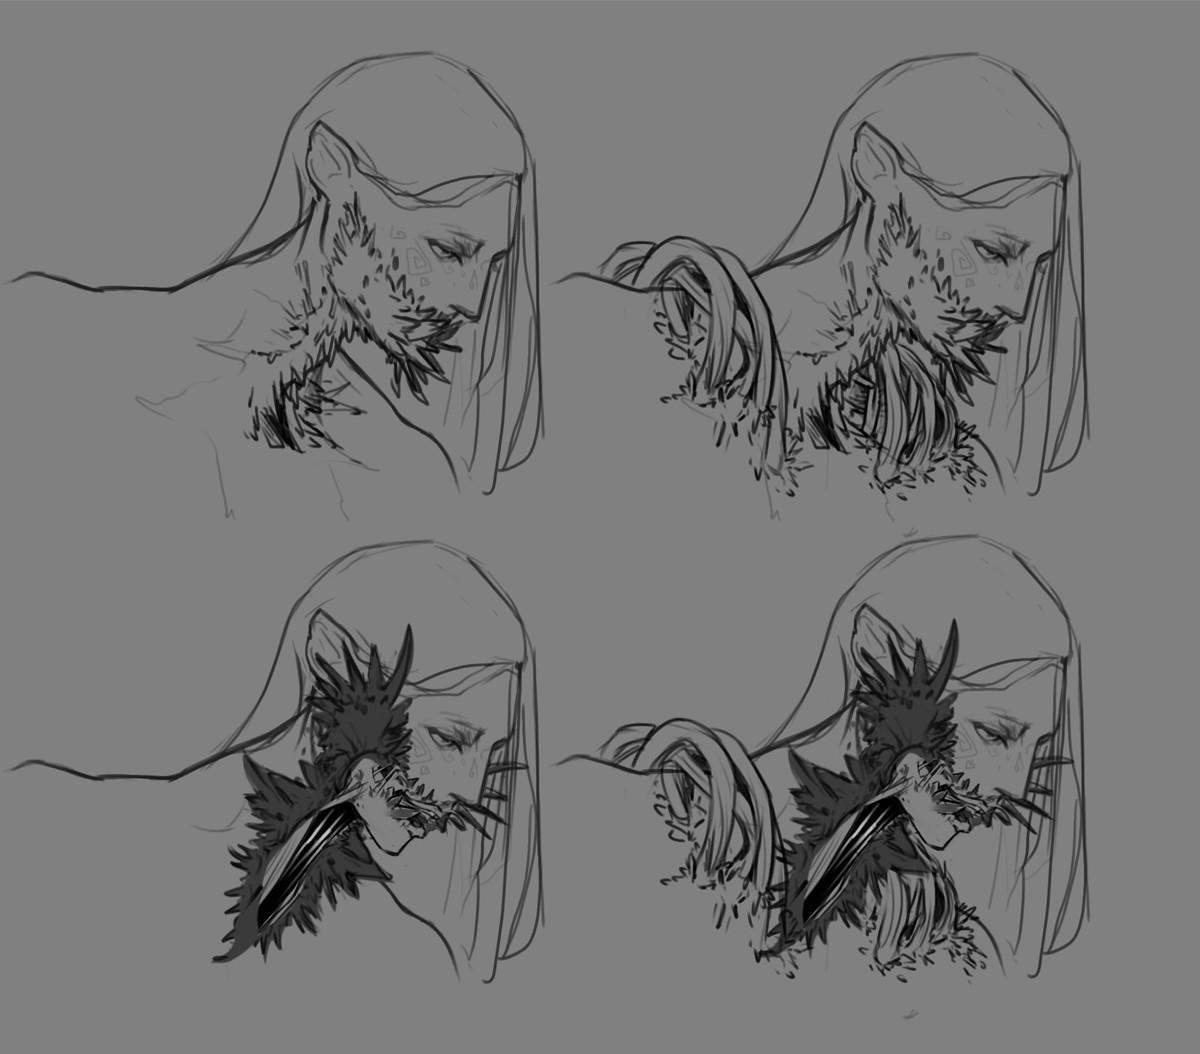 Vlada monakhova concept sketch mouths